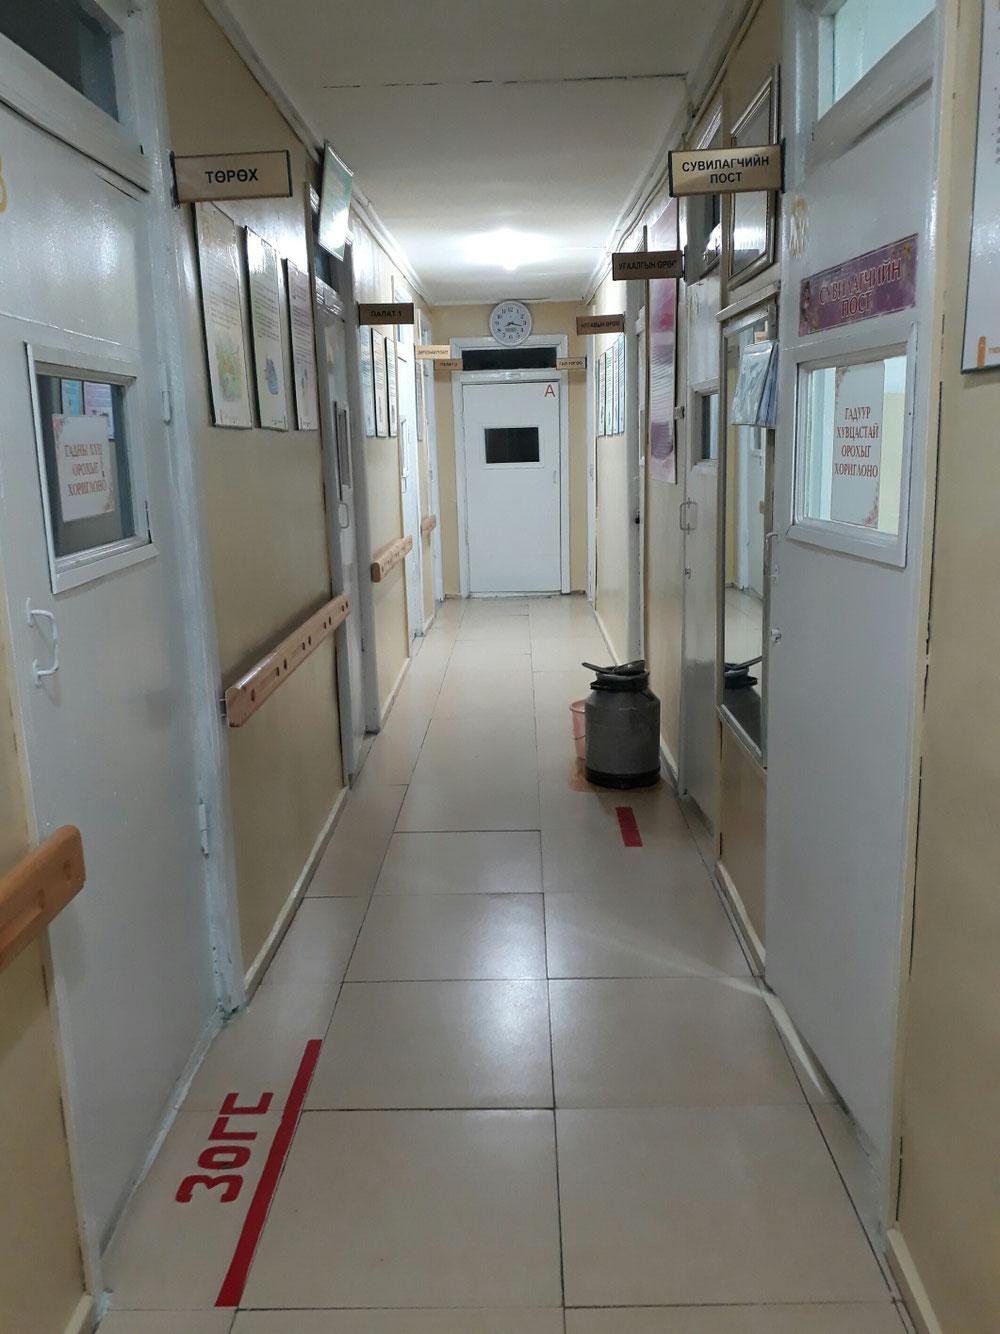 So sieht es in unserem kleinen Krankenhaus aus